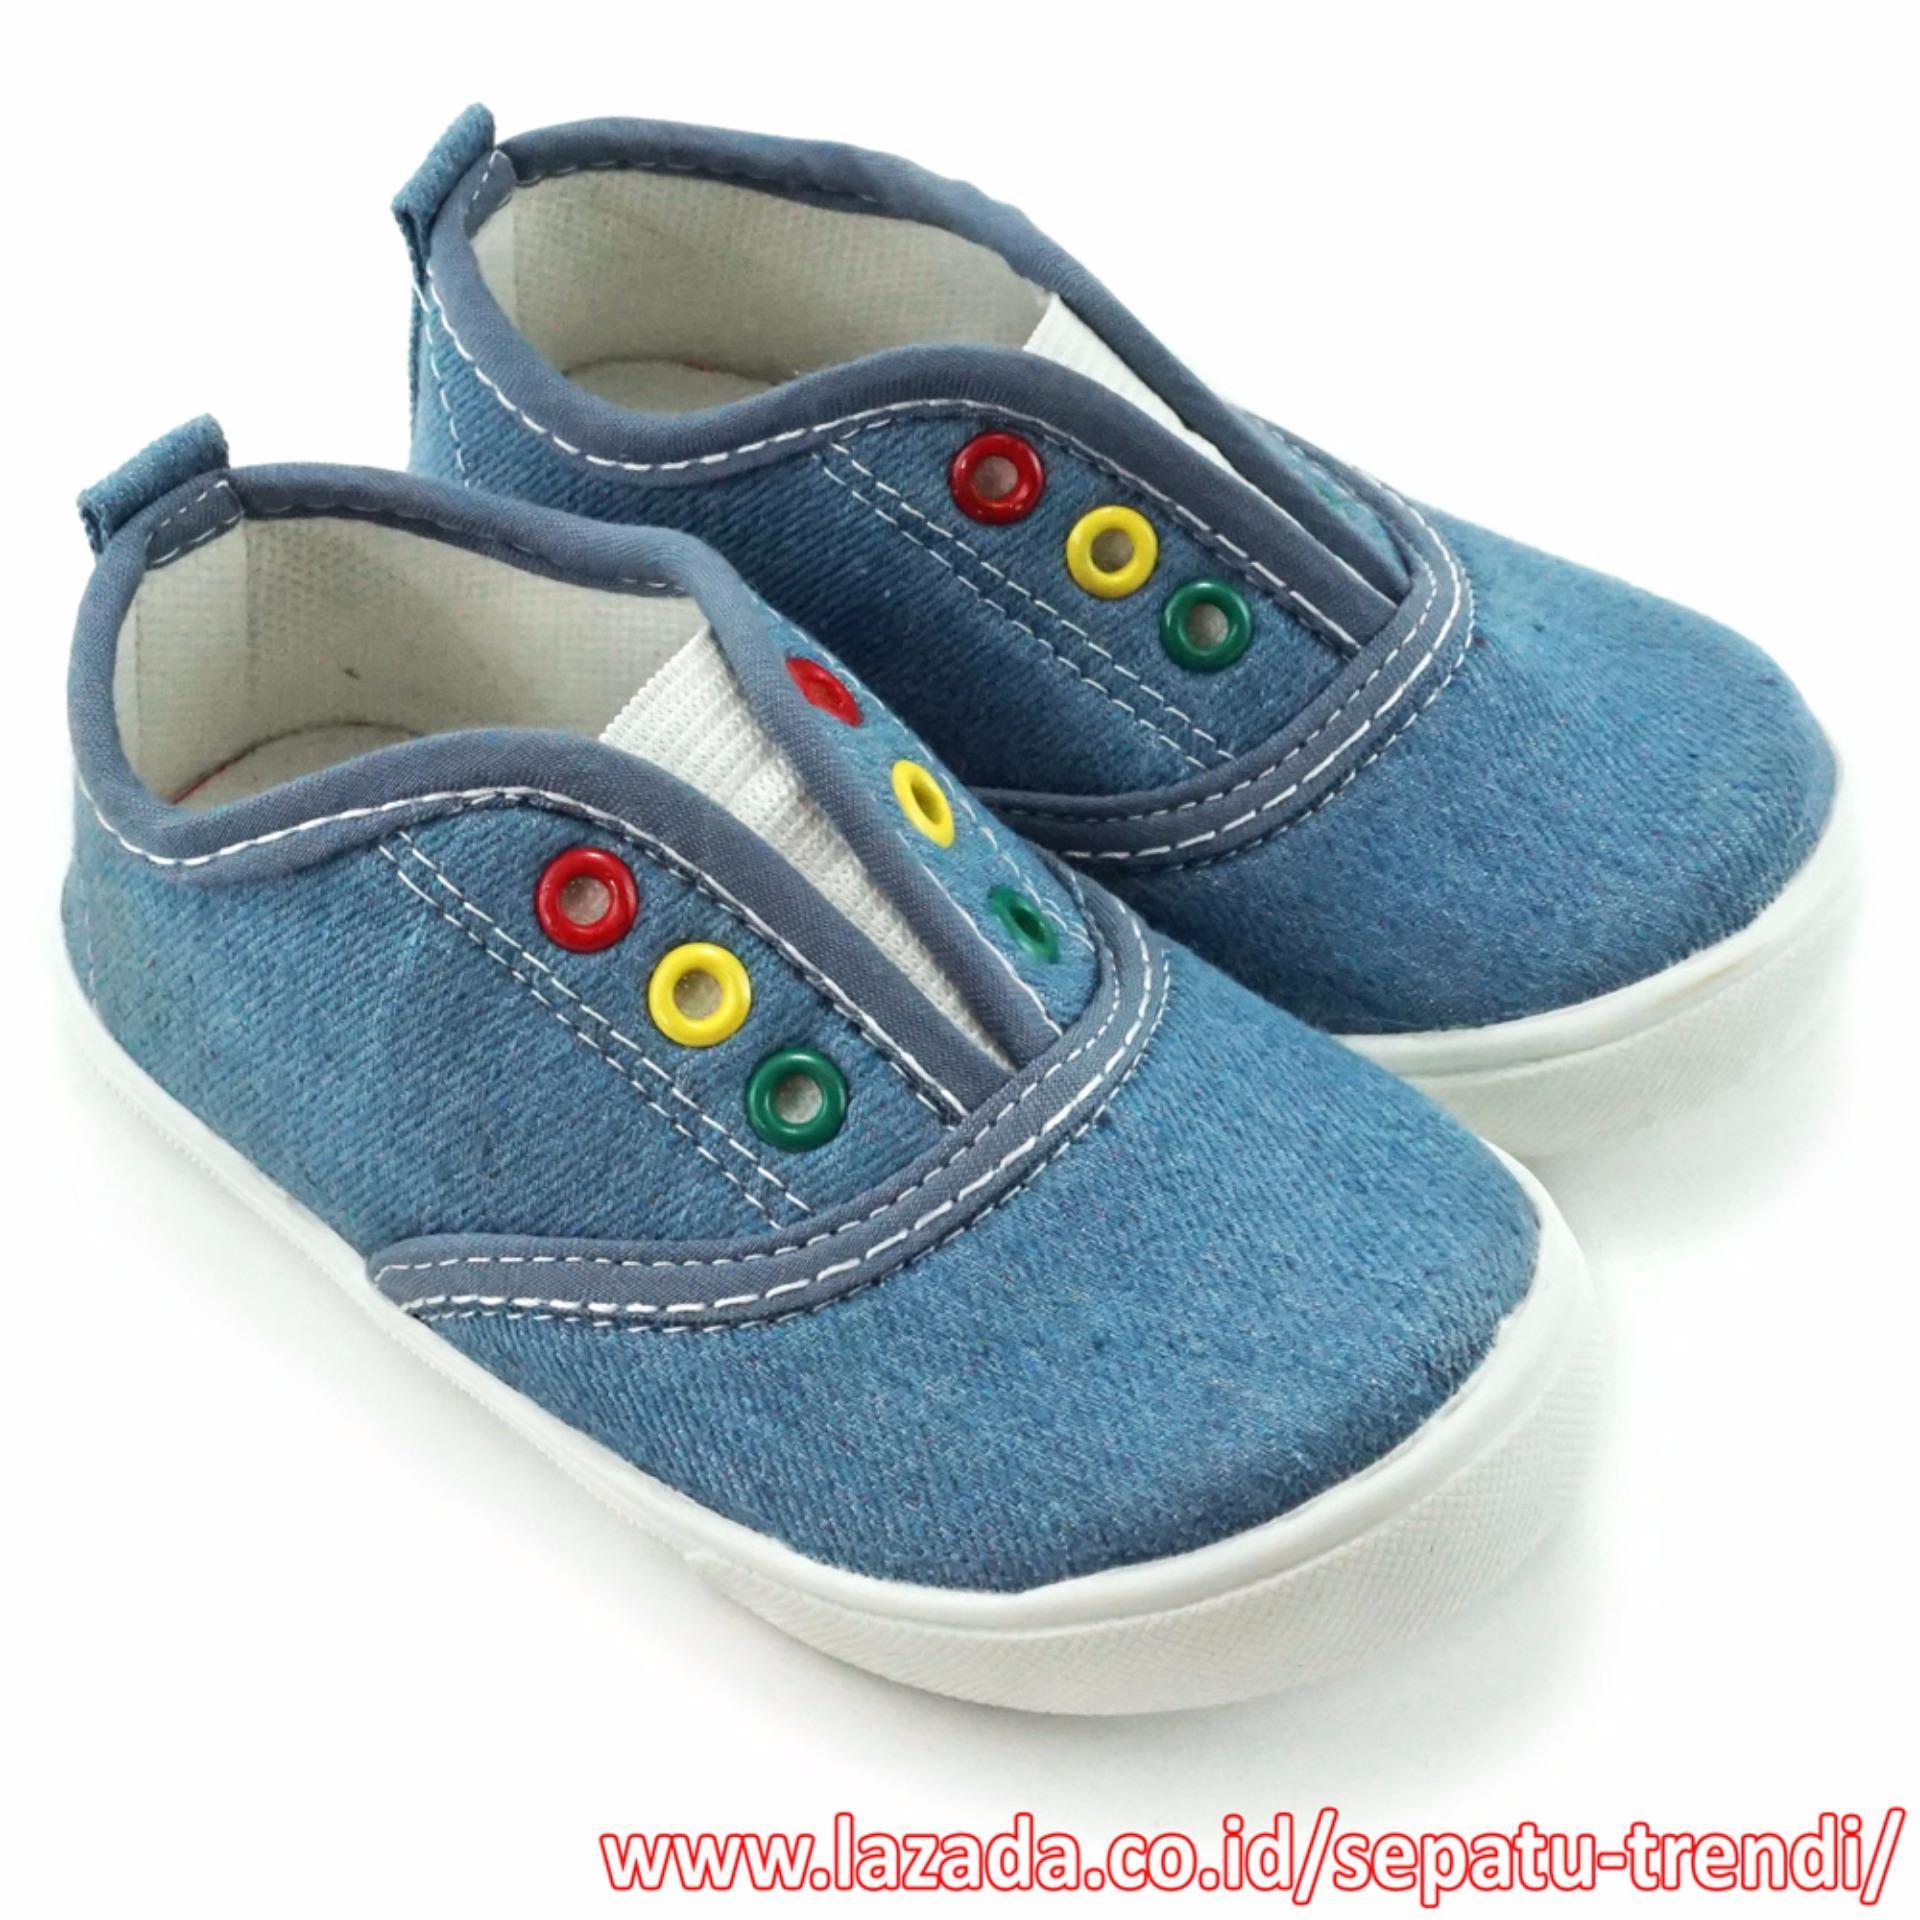 Abu Panas Balita Bayi Baru Lahir Satu Satunya Sepatu Lembut Dan Laki Baby Shoes Prewalker Tamagoo Alex Series  0 3 Bulan Cokelat Tua Slip Pada Source